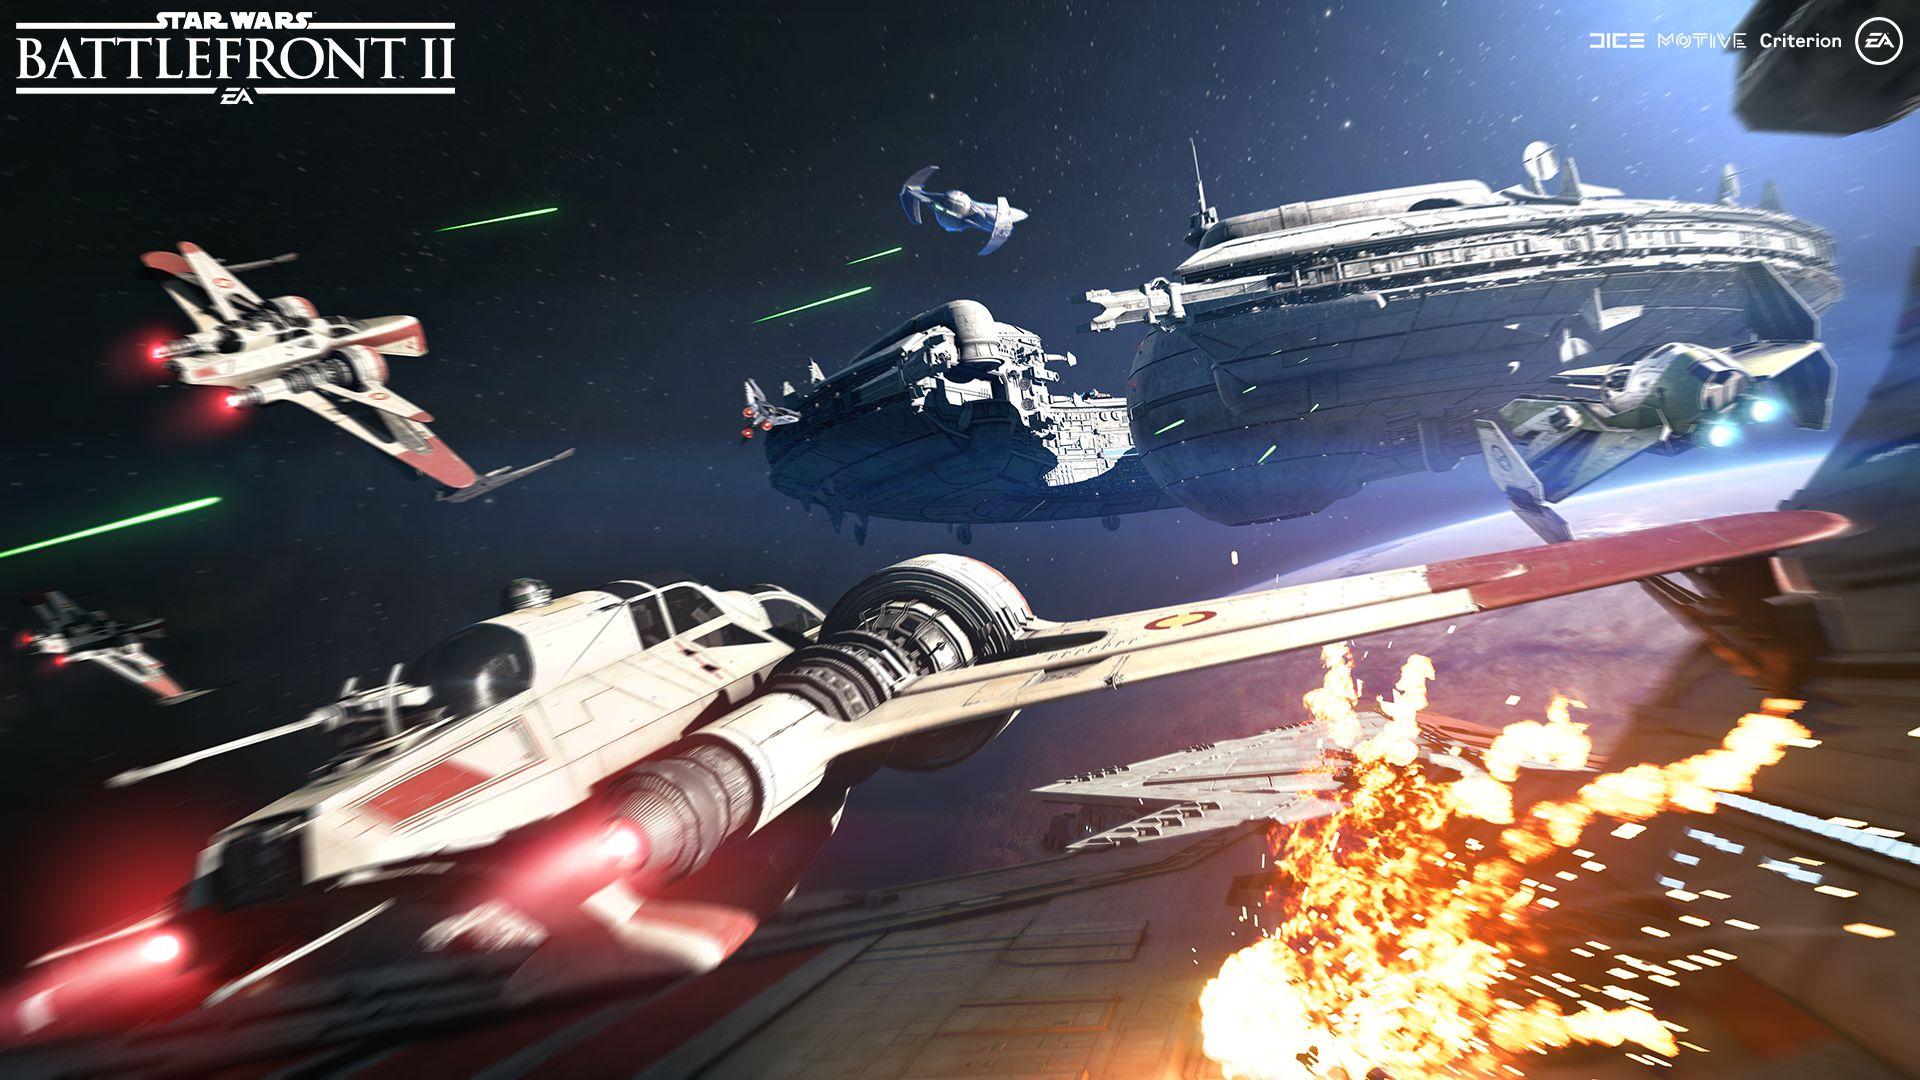 Star Wars: Battlefront 2 - vše, co byste měli vědět, na jednom místě 148814